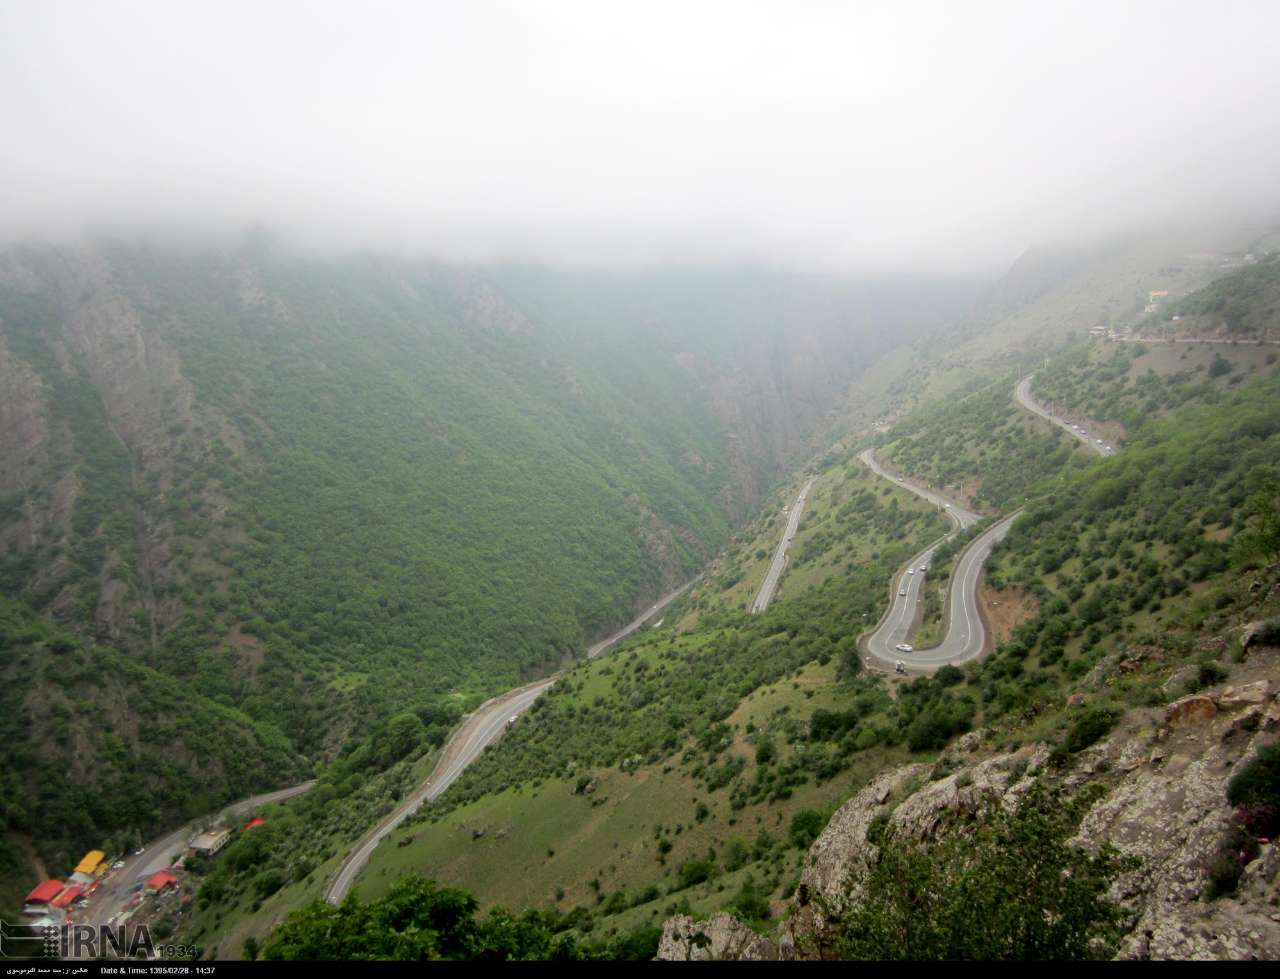 جاده چالوس (کندوان) چهارمین جاده زیبای جهان